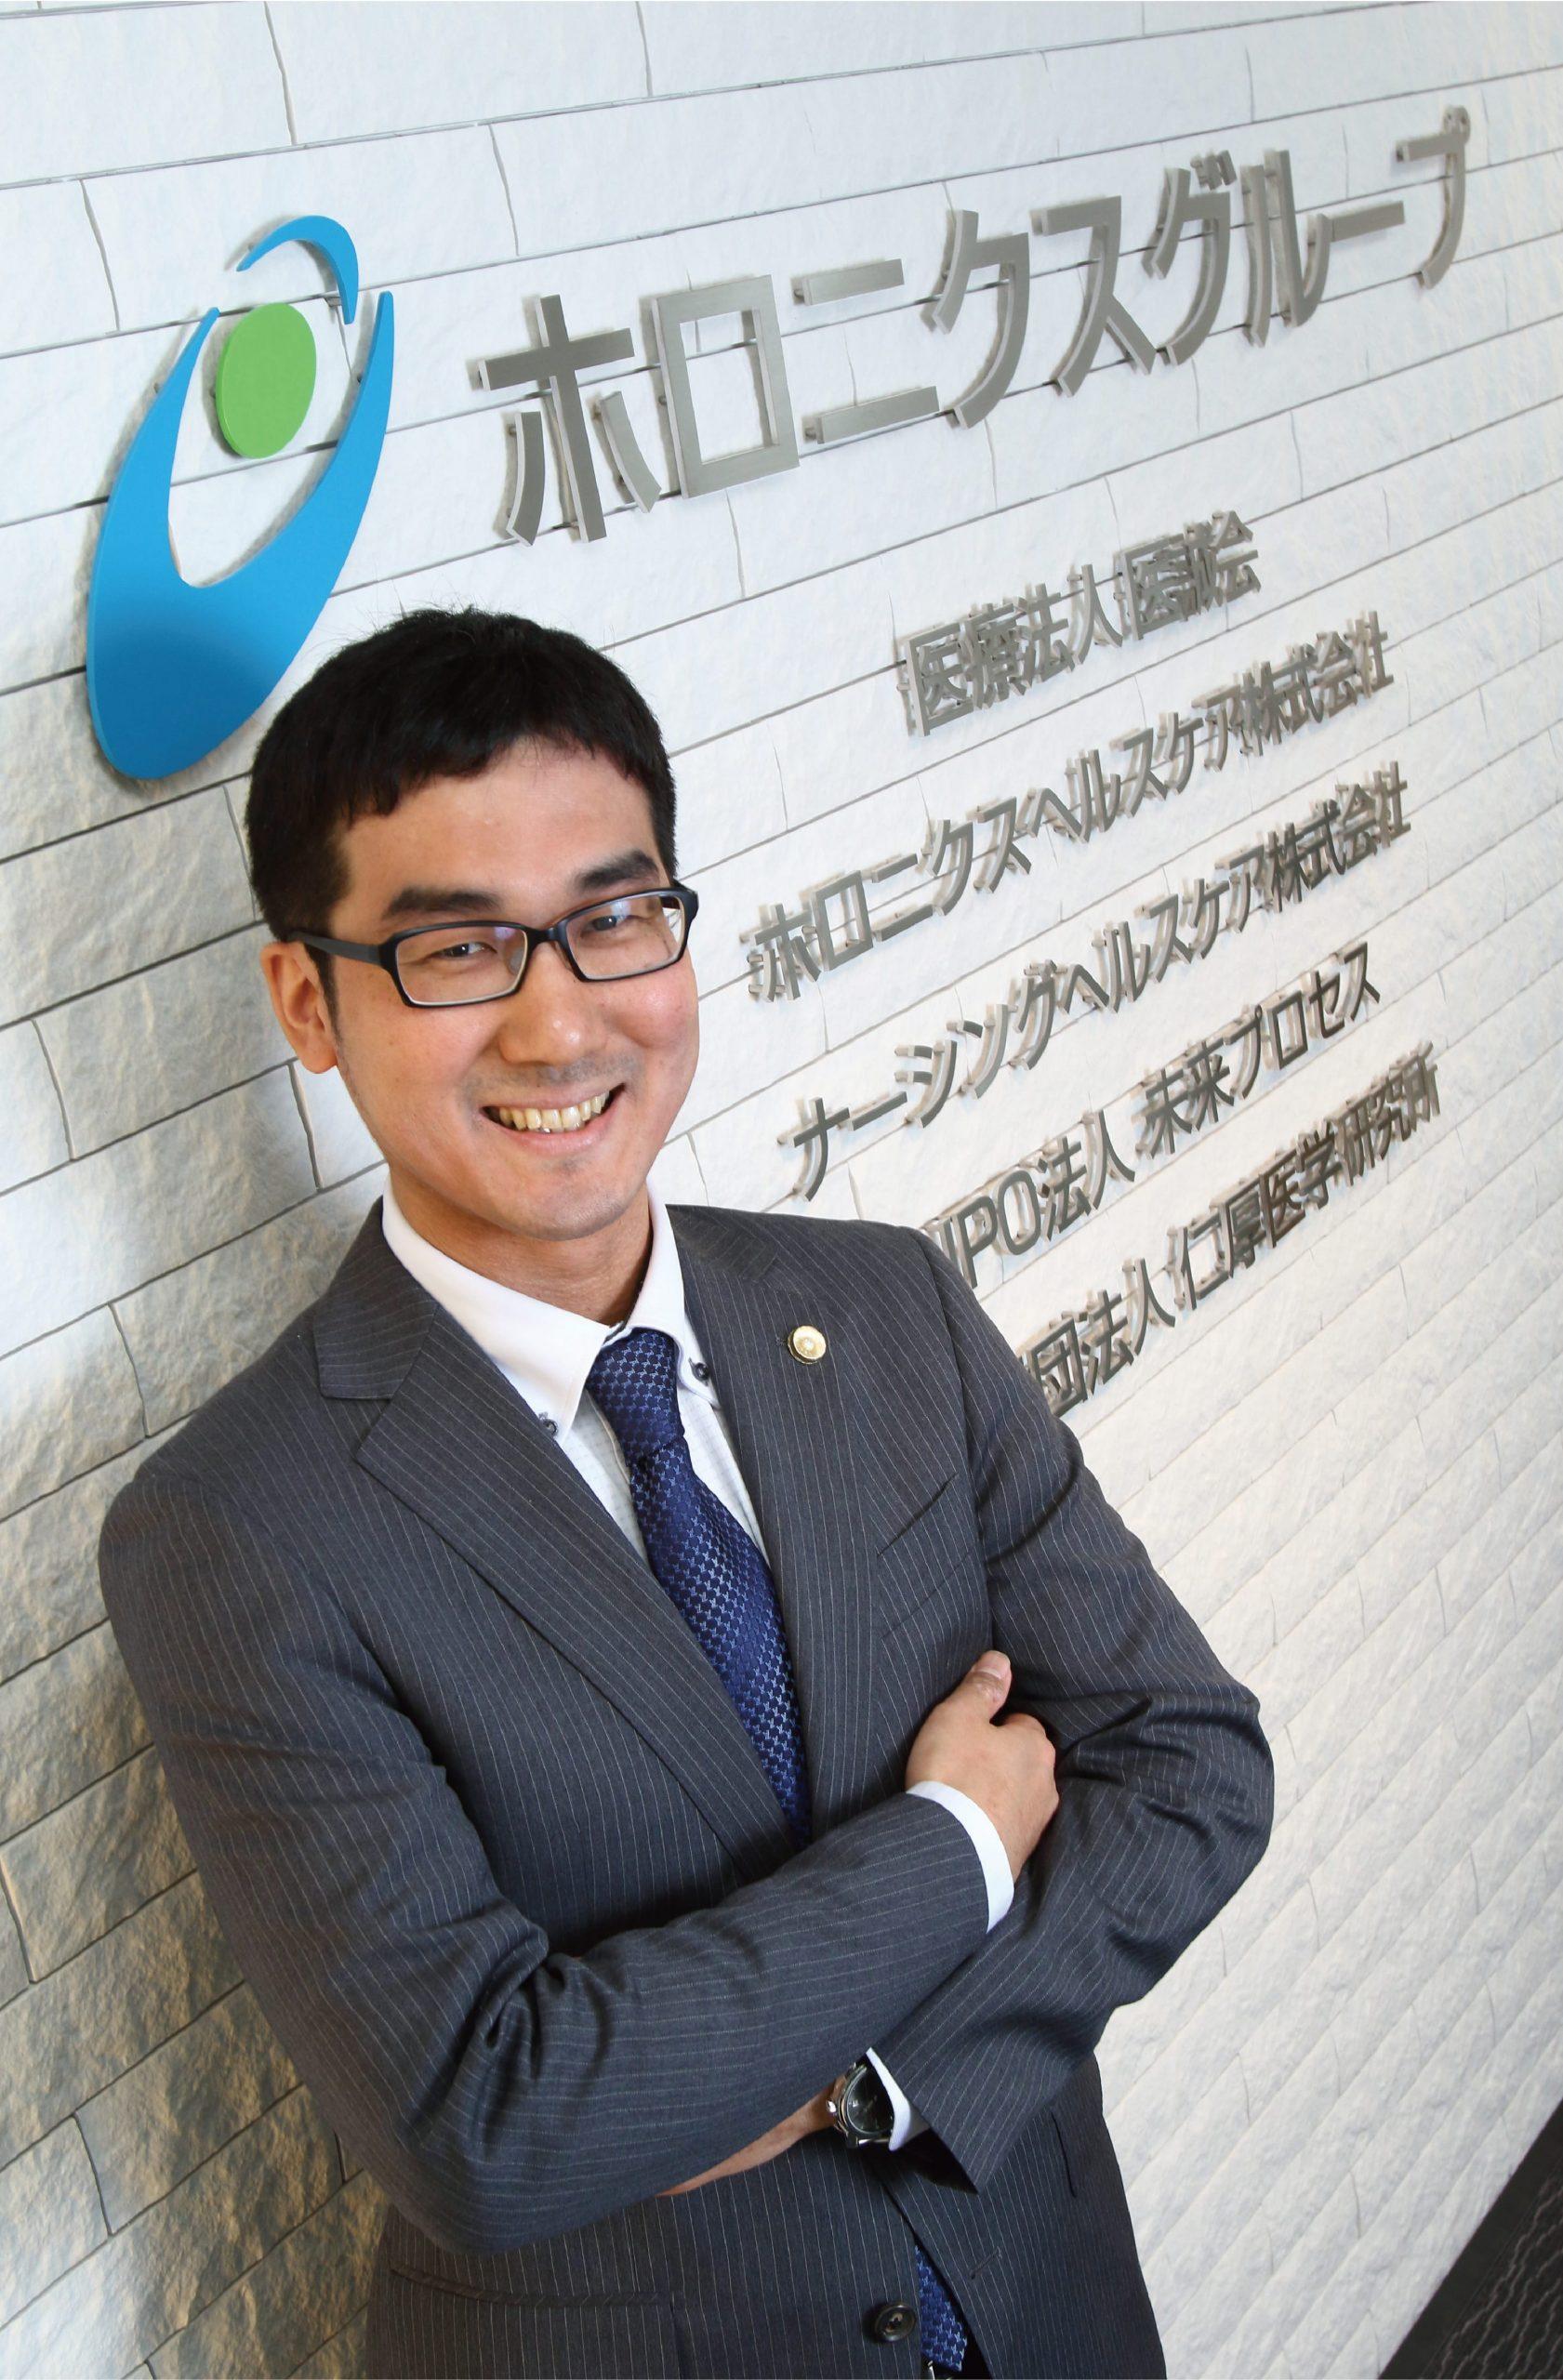 医療法人医誠会 法人本部 法務部/コンプライアンス推進室